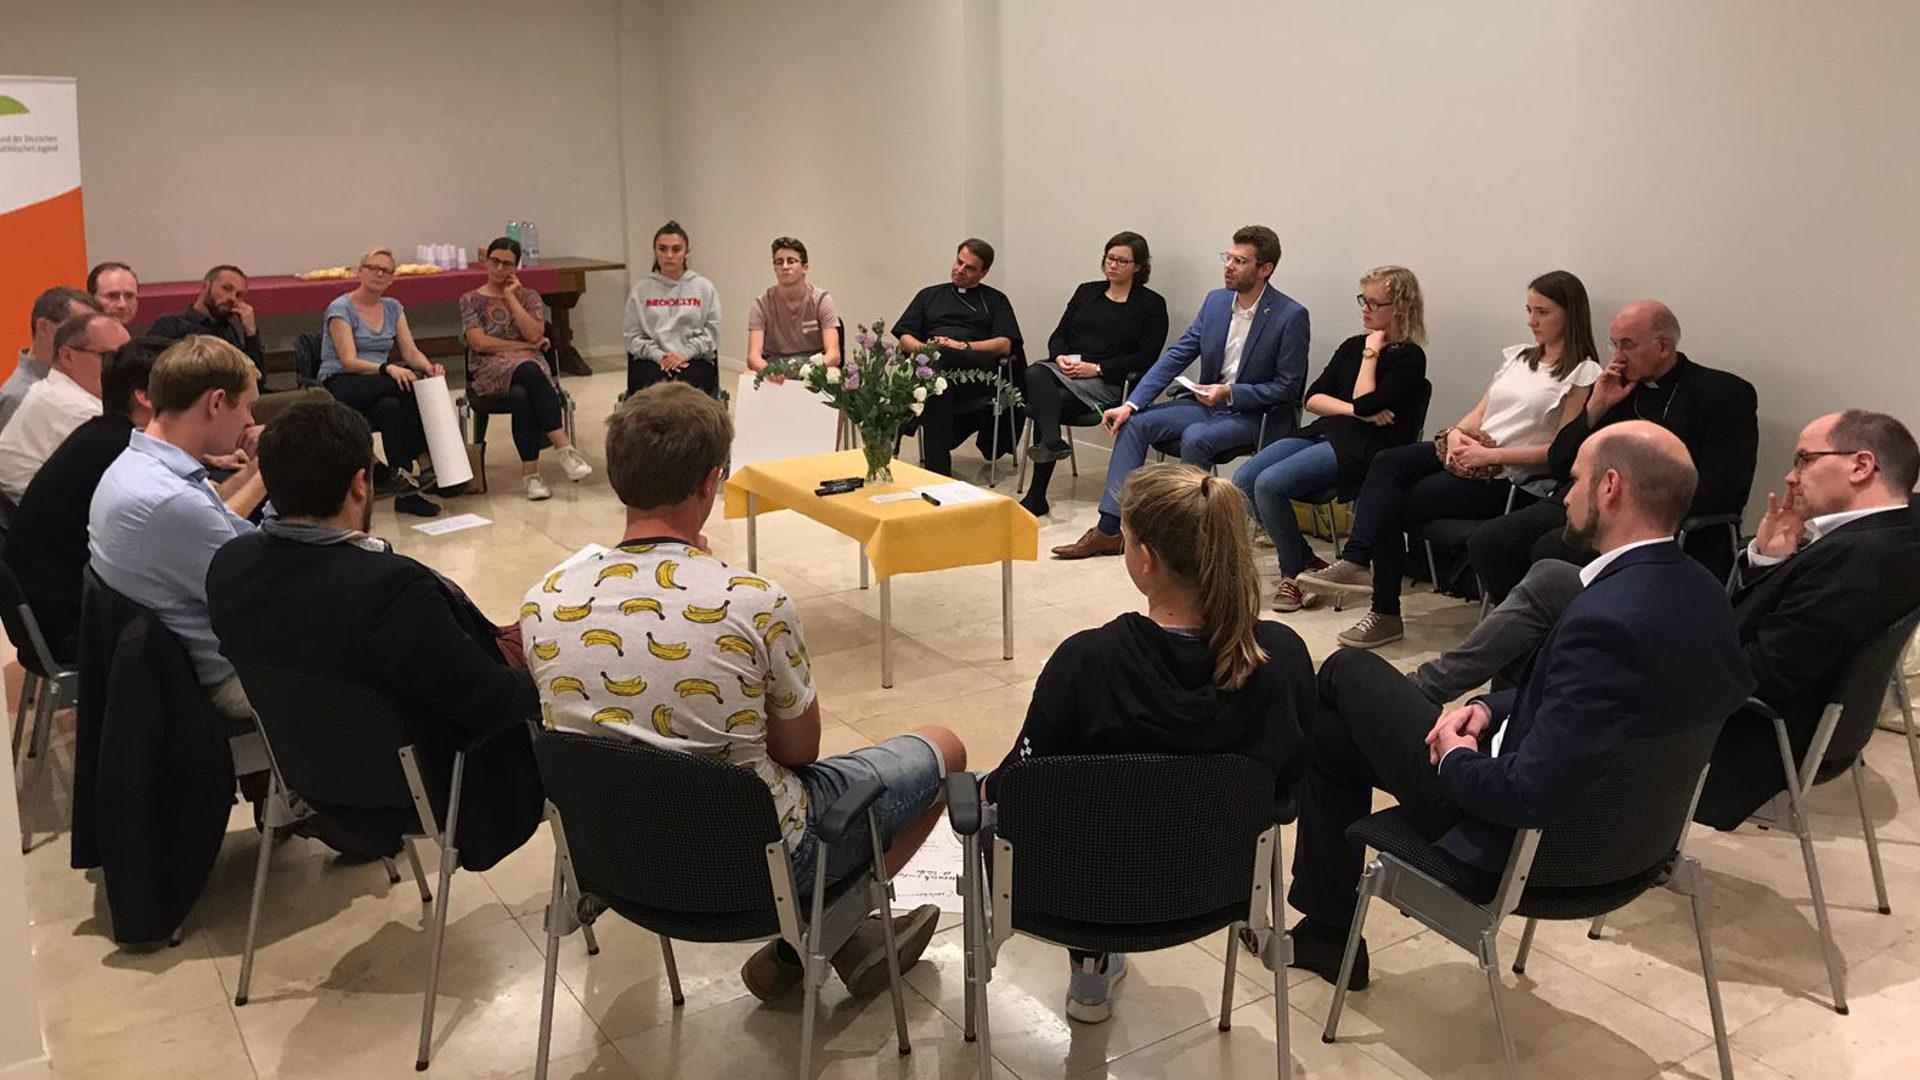 Deutschsprachige Bischöfe diskutieren in Rom mit Jugendlichen und Vertretern von Jugendverbänden | © BDKJ Bundesstelle